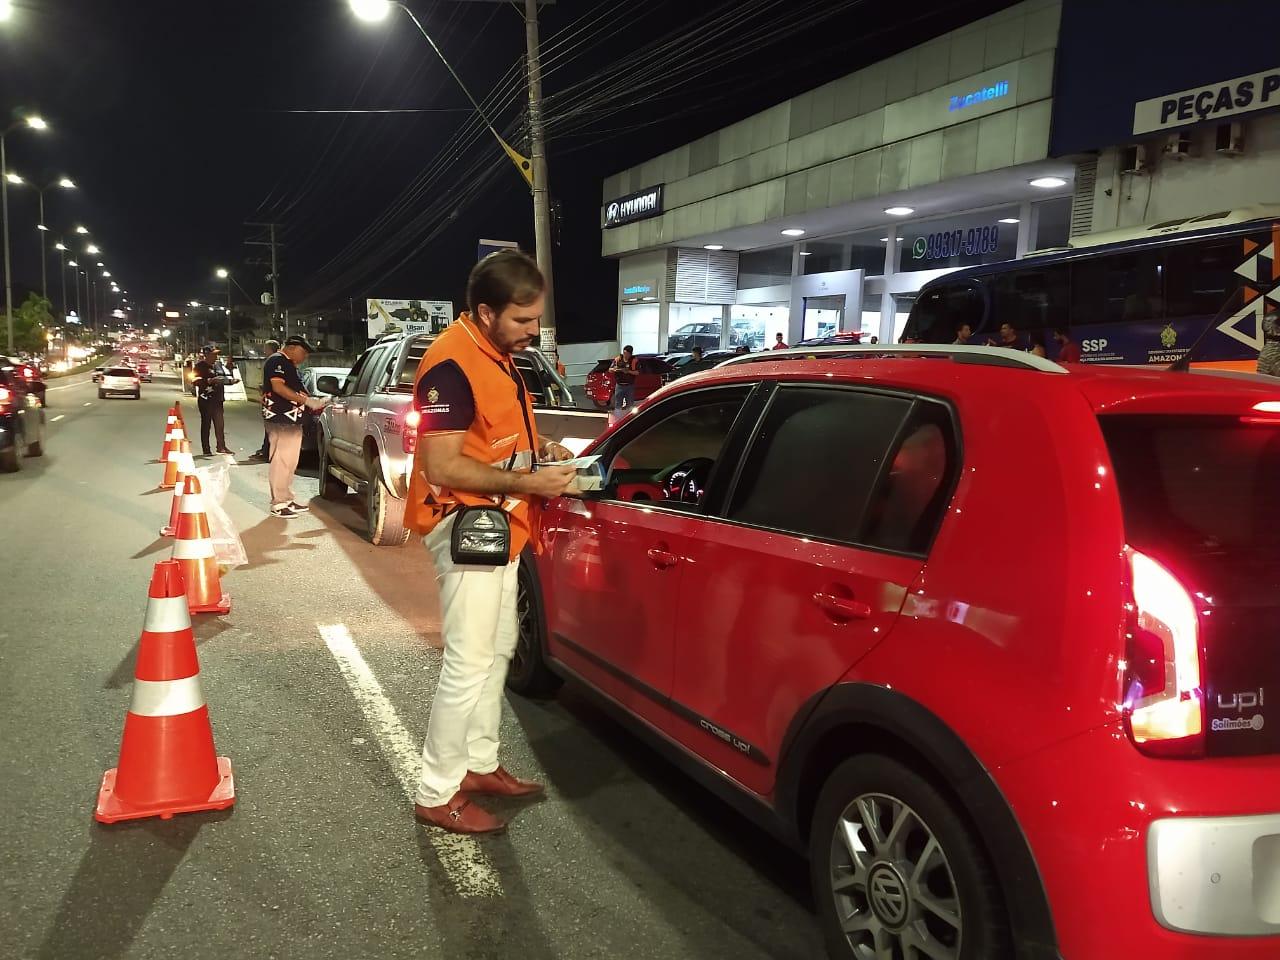 Em Manaus, 28 motoristas são flagrados dirigindo sob o efeito de álcool no fim de semana